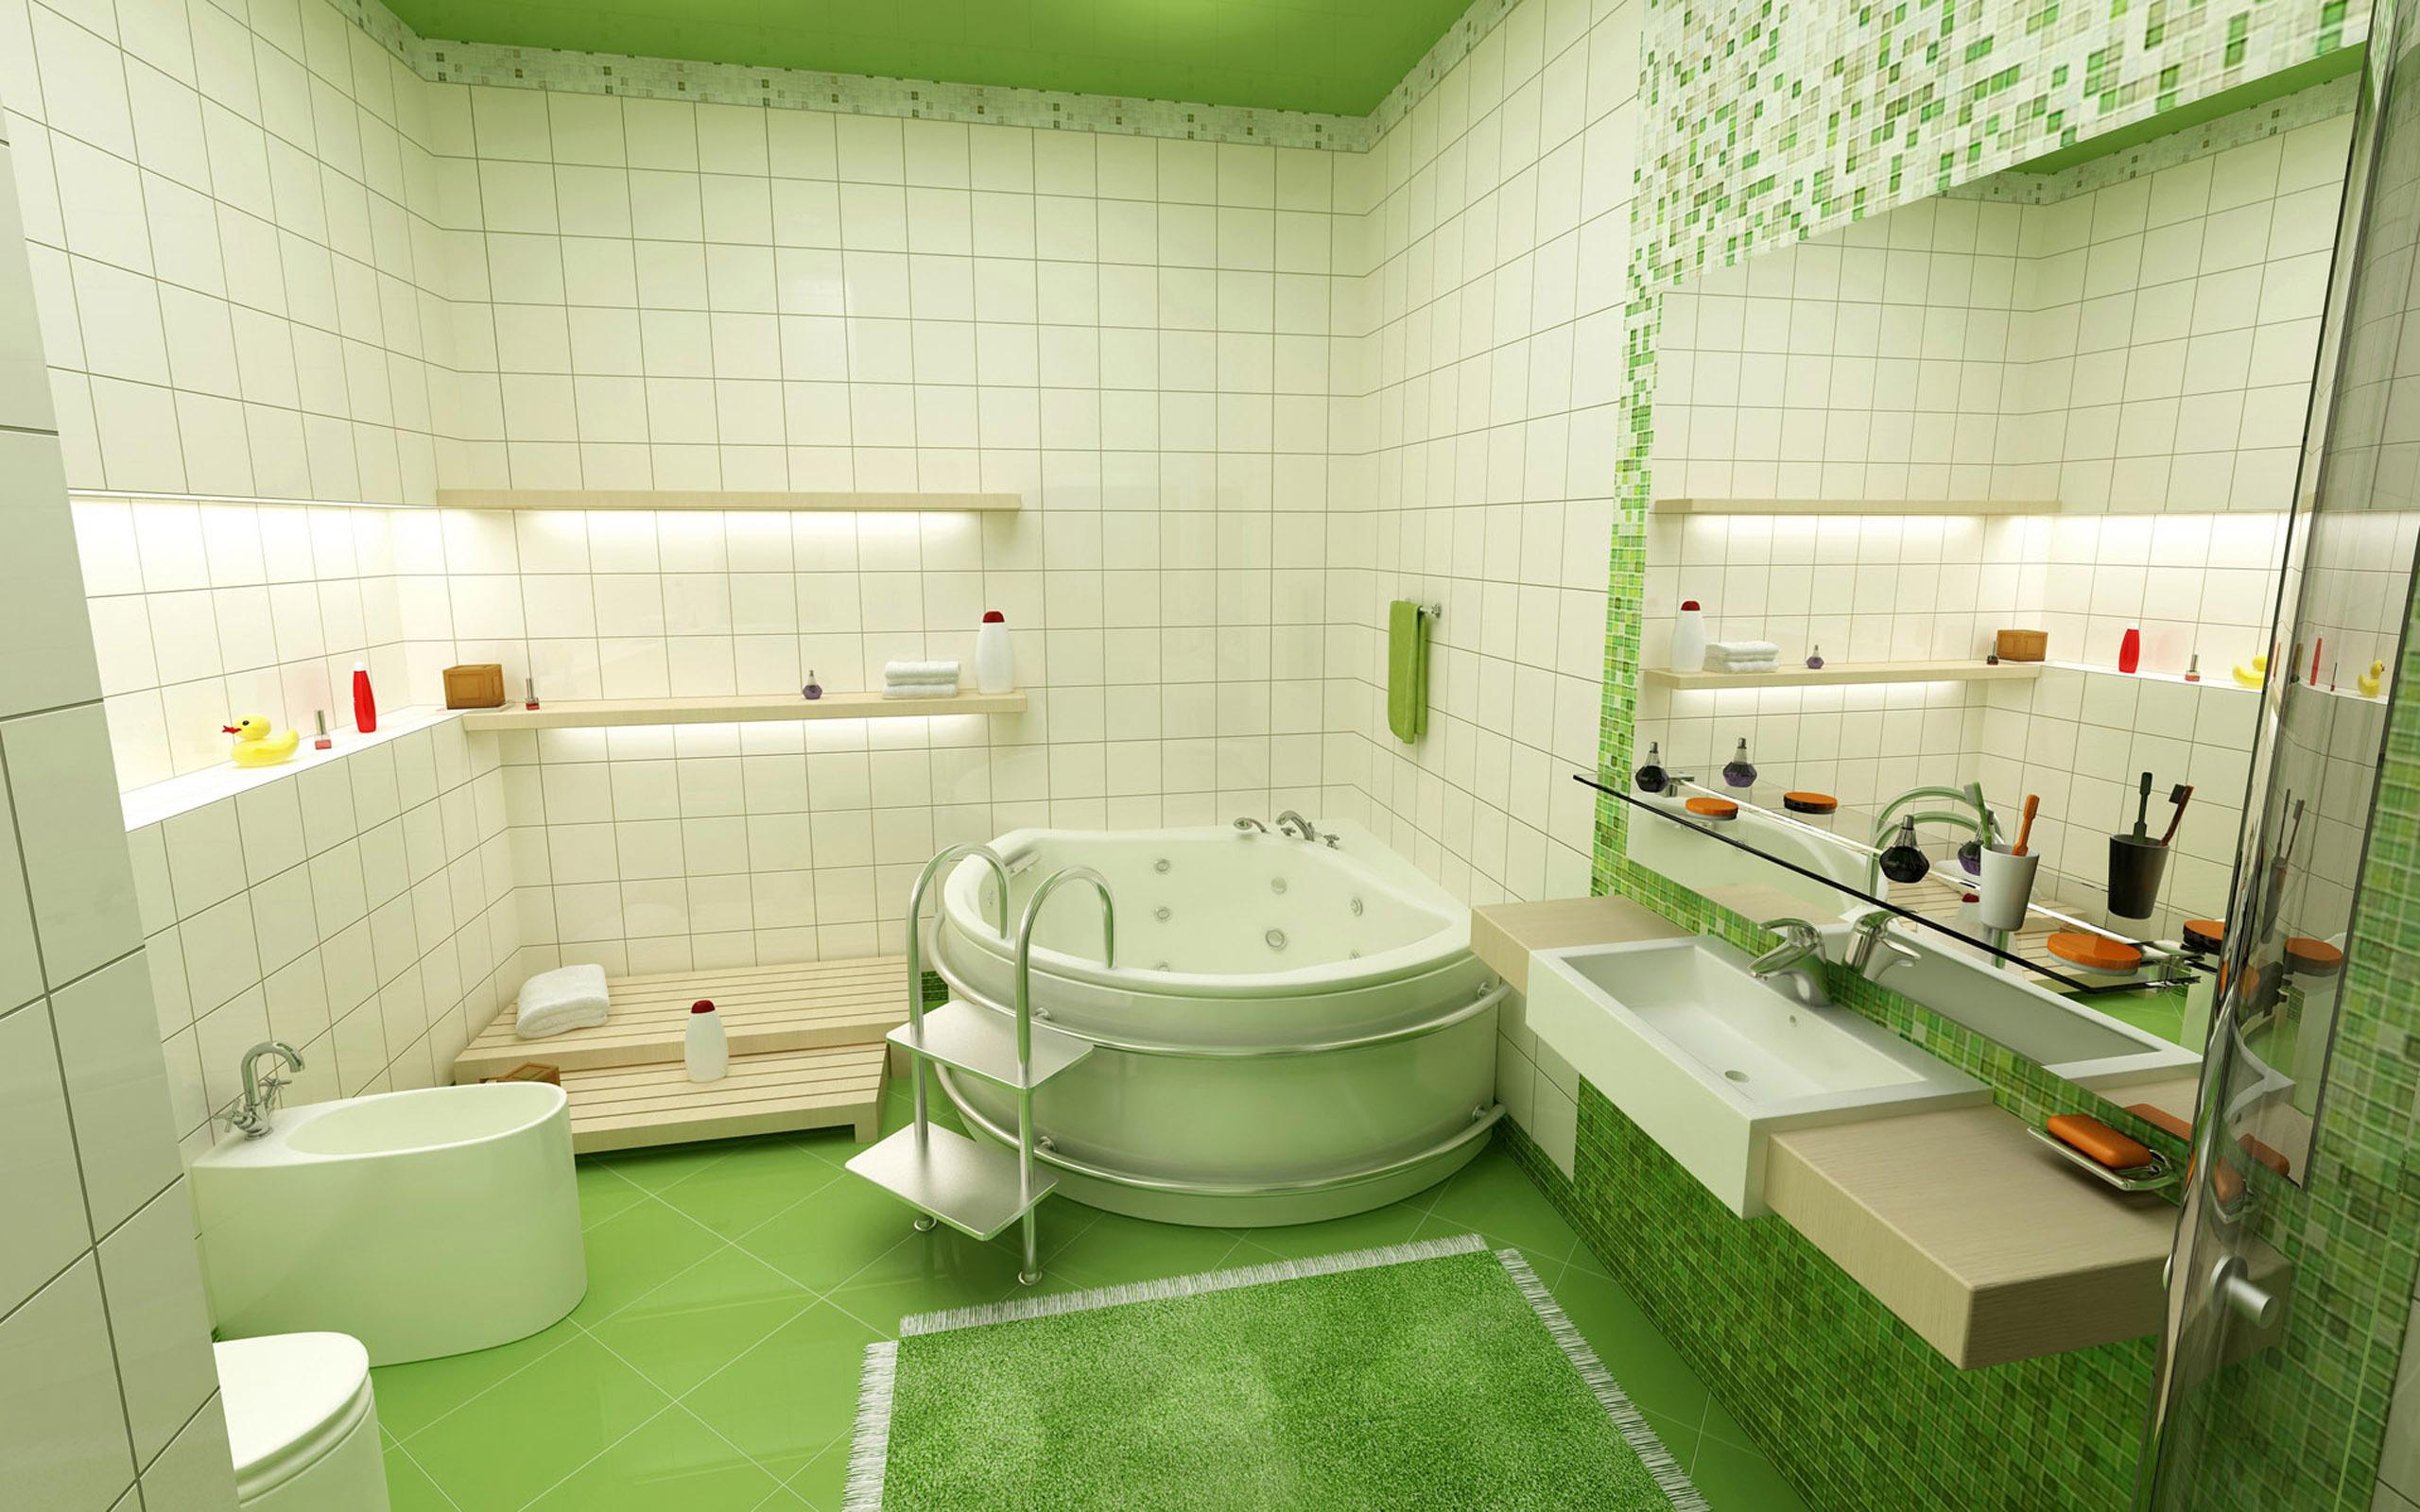 Картинки и описание ванной комнаты